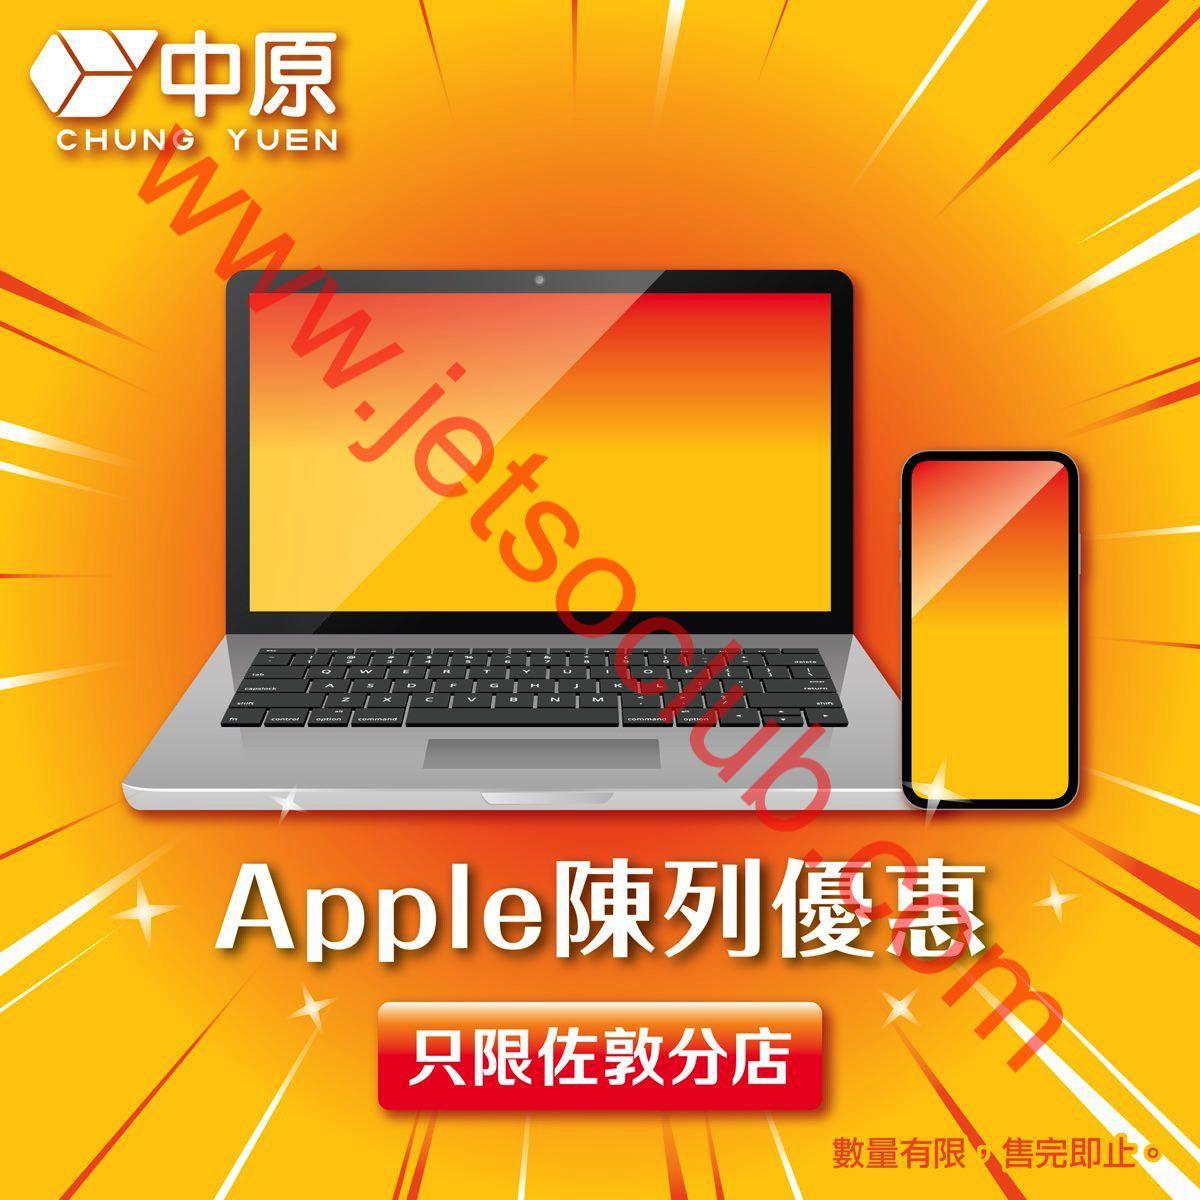 中原電器:佐敦店 Apple陳列優惠 ( Jetso Club 著數俱樂部 )